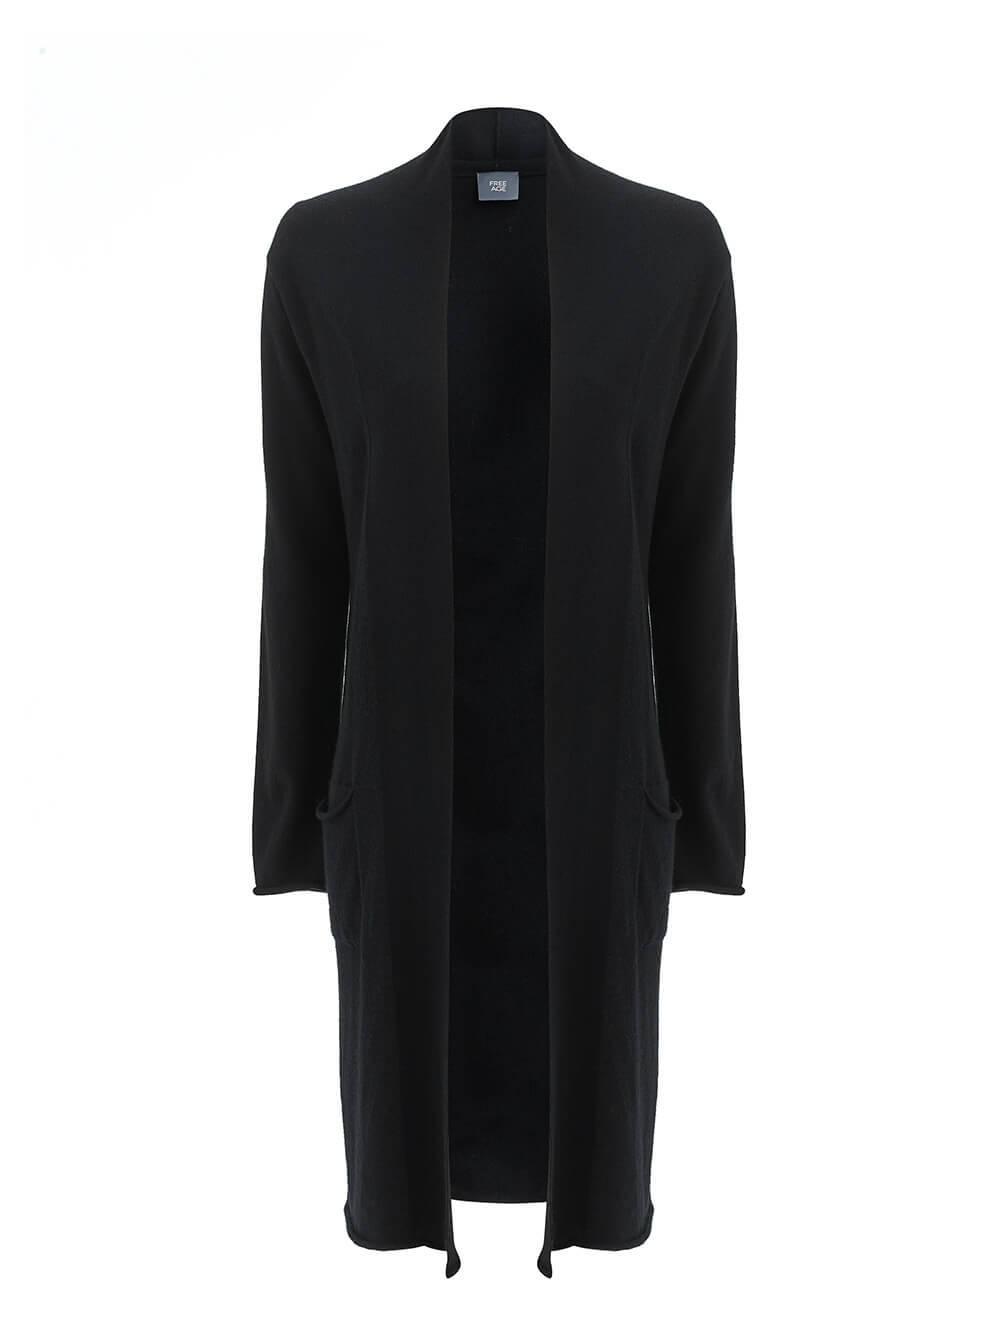 Женский кардиган черного цвета из 100% кашемира - фото 1